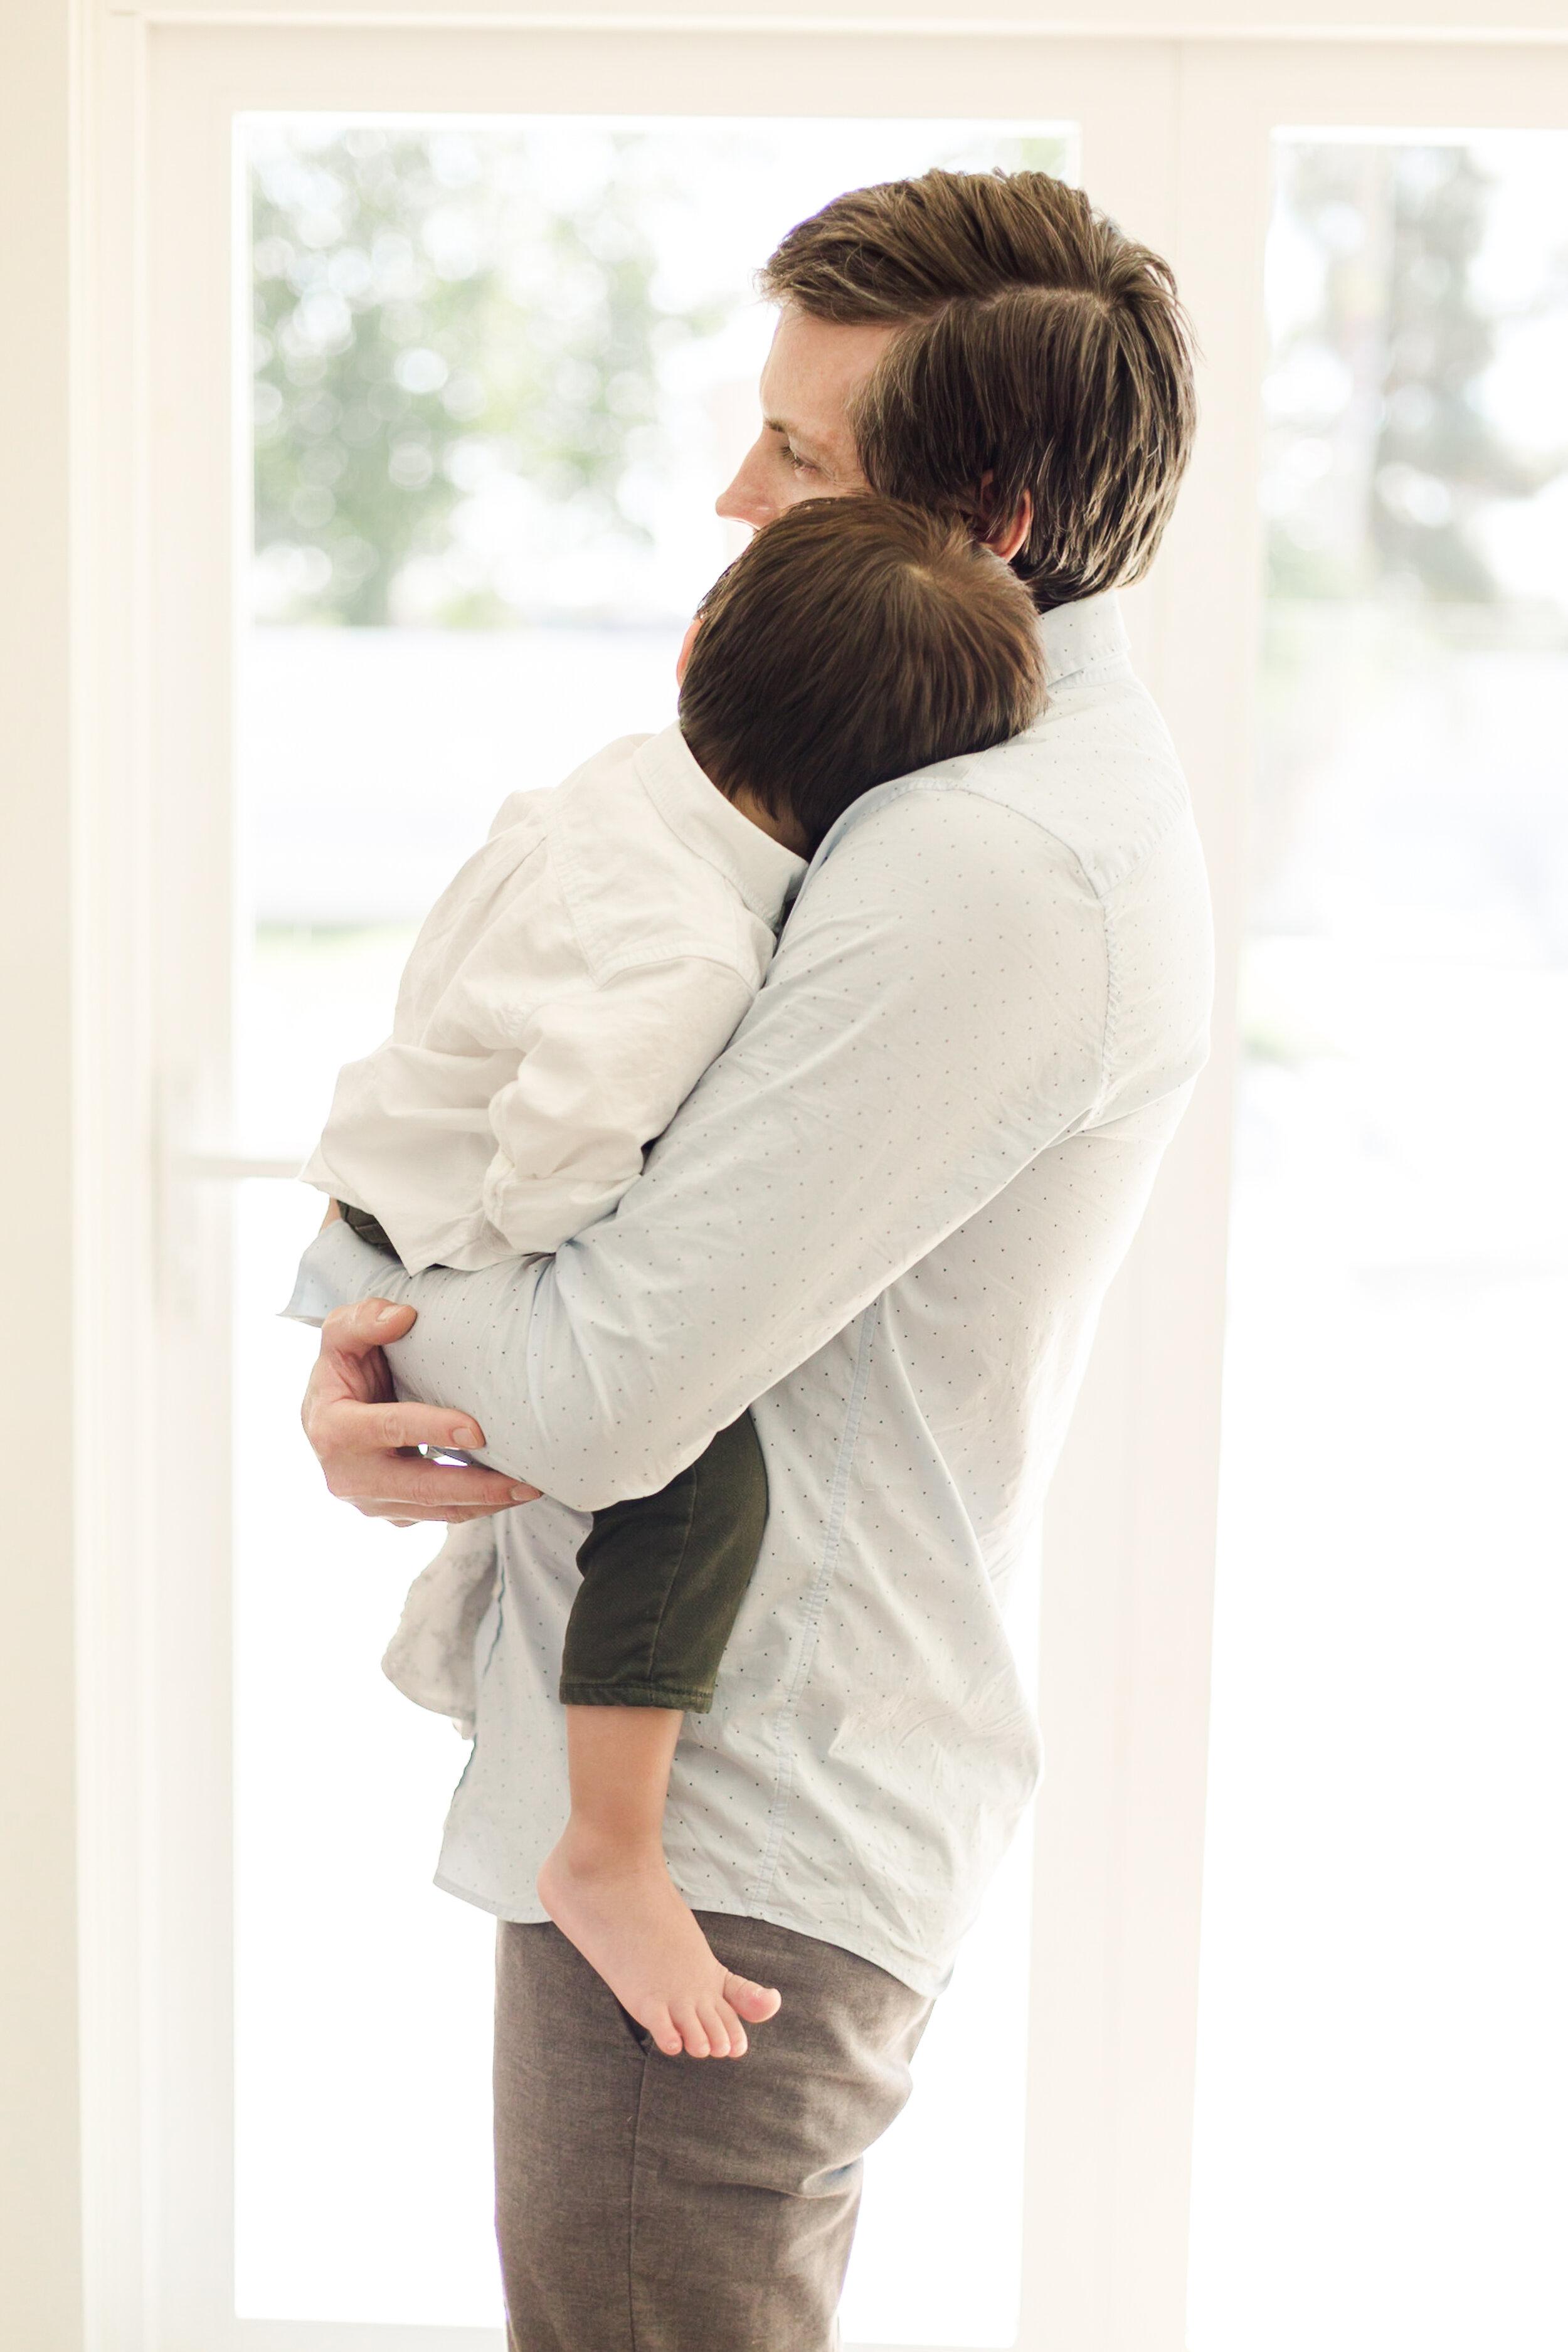 Fatherhood Photos